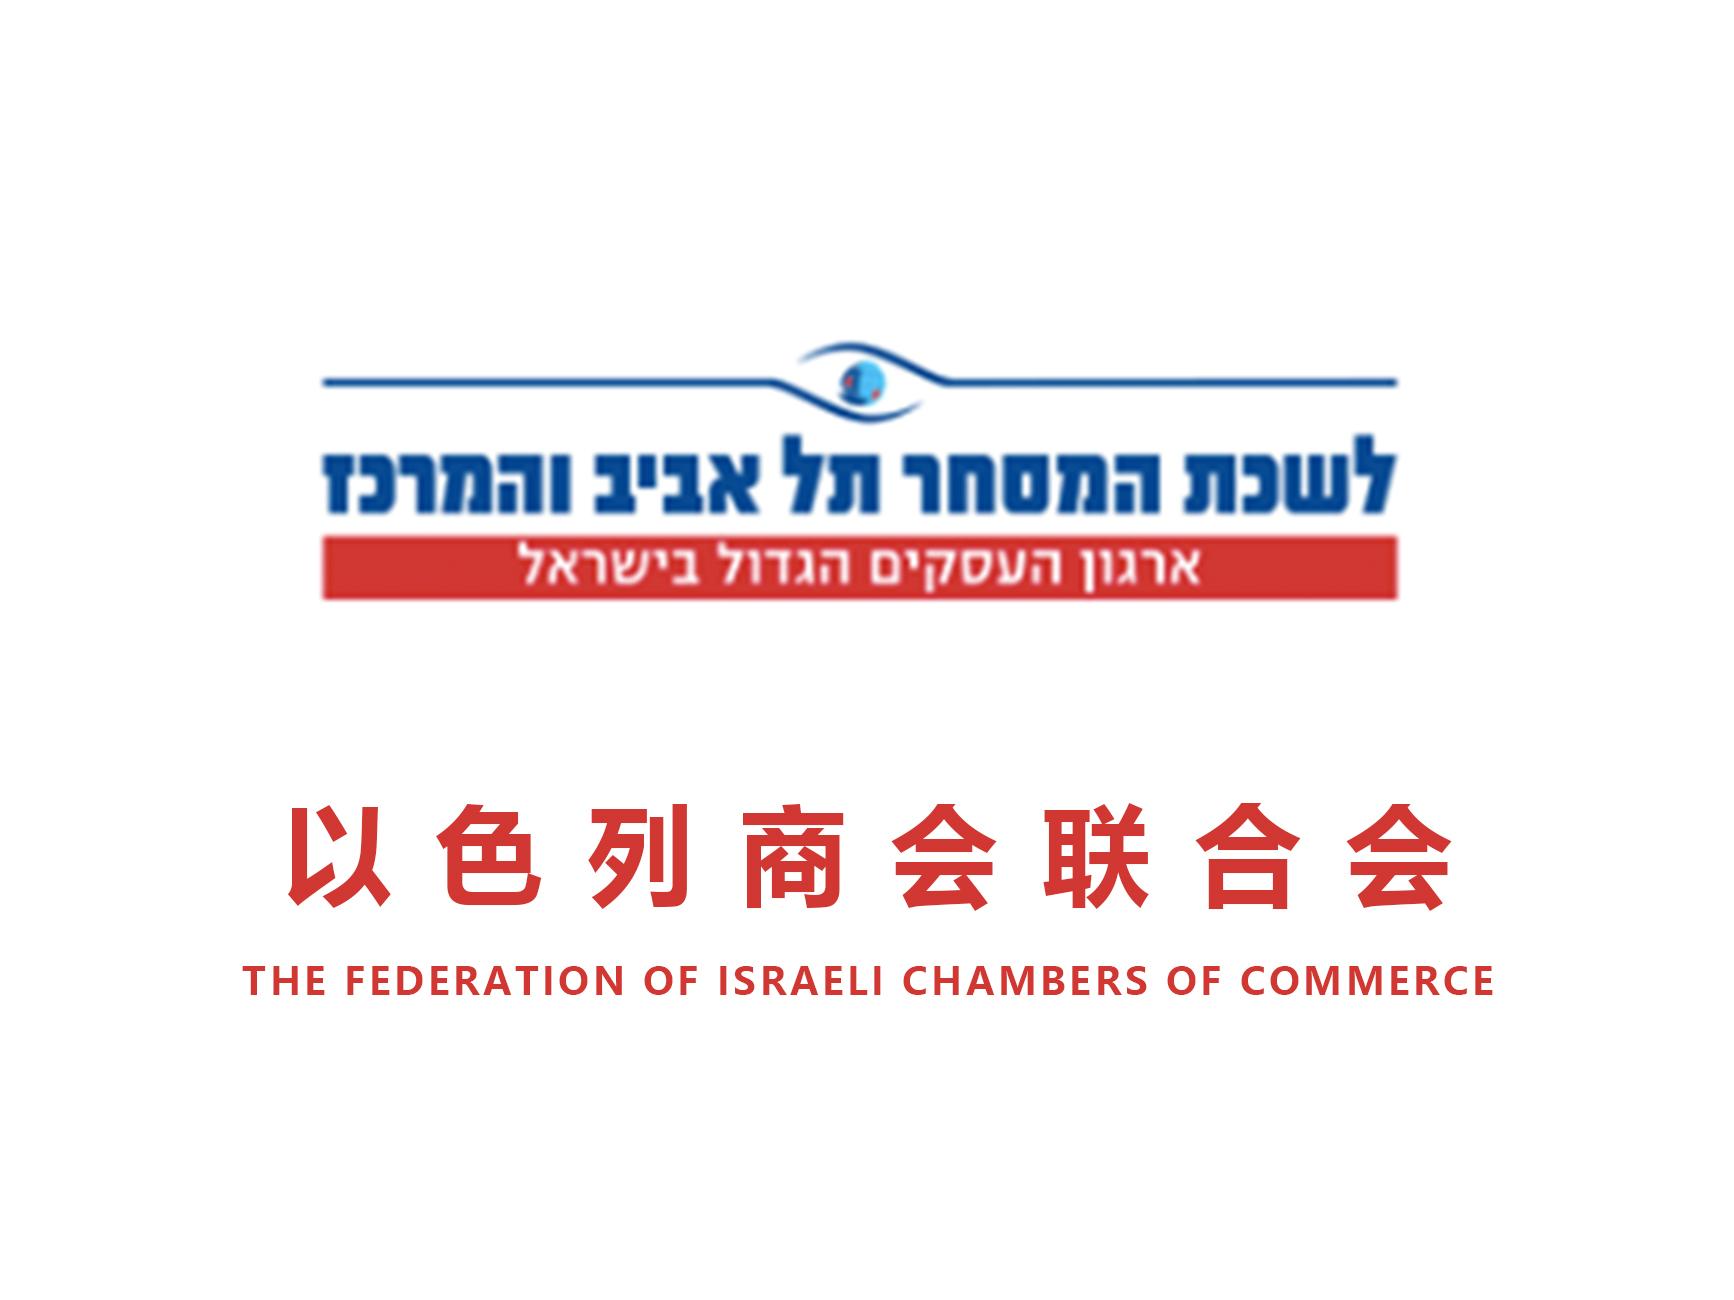 以色列商会联合会/FICC